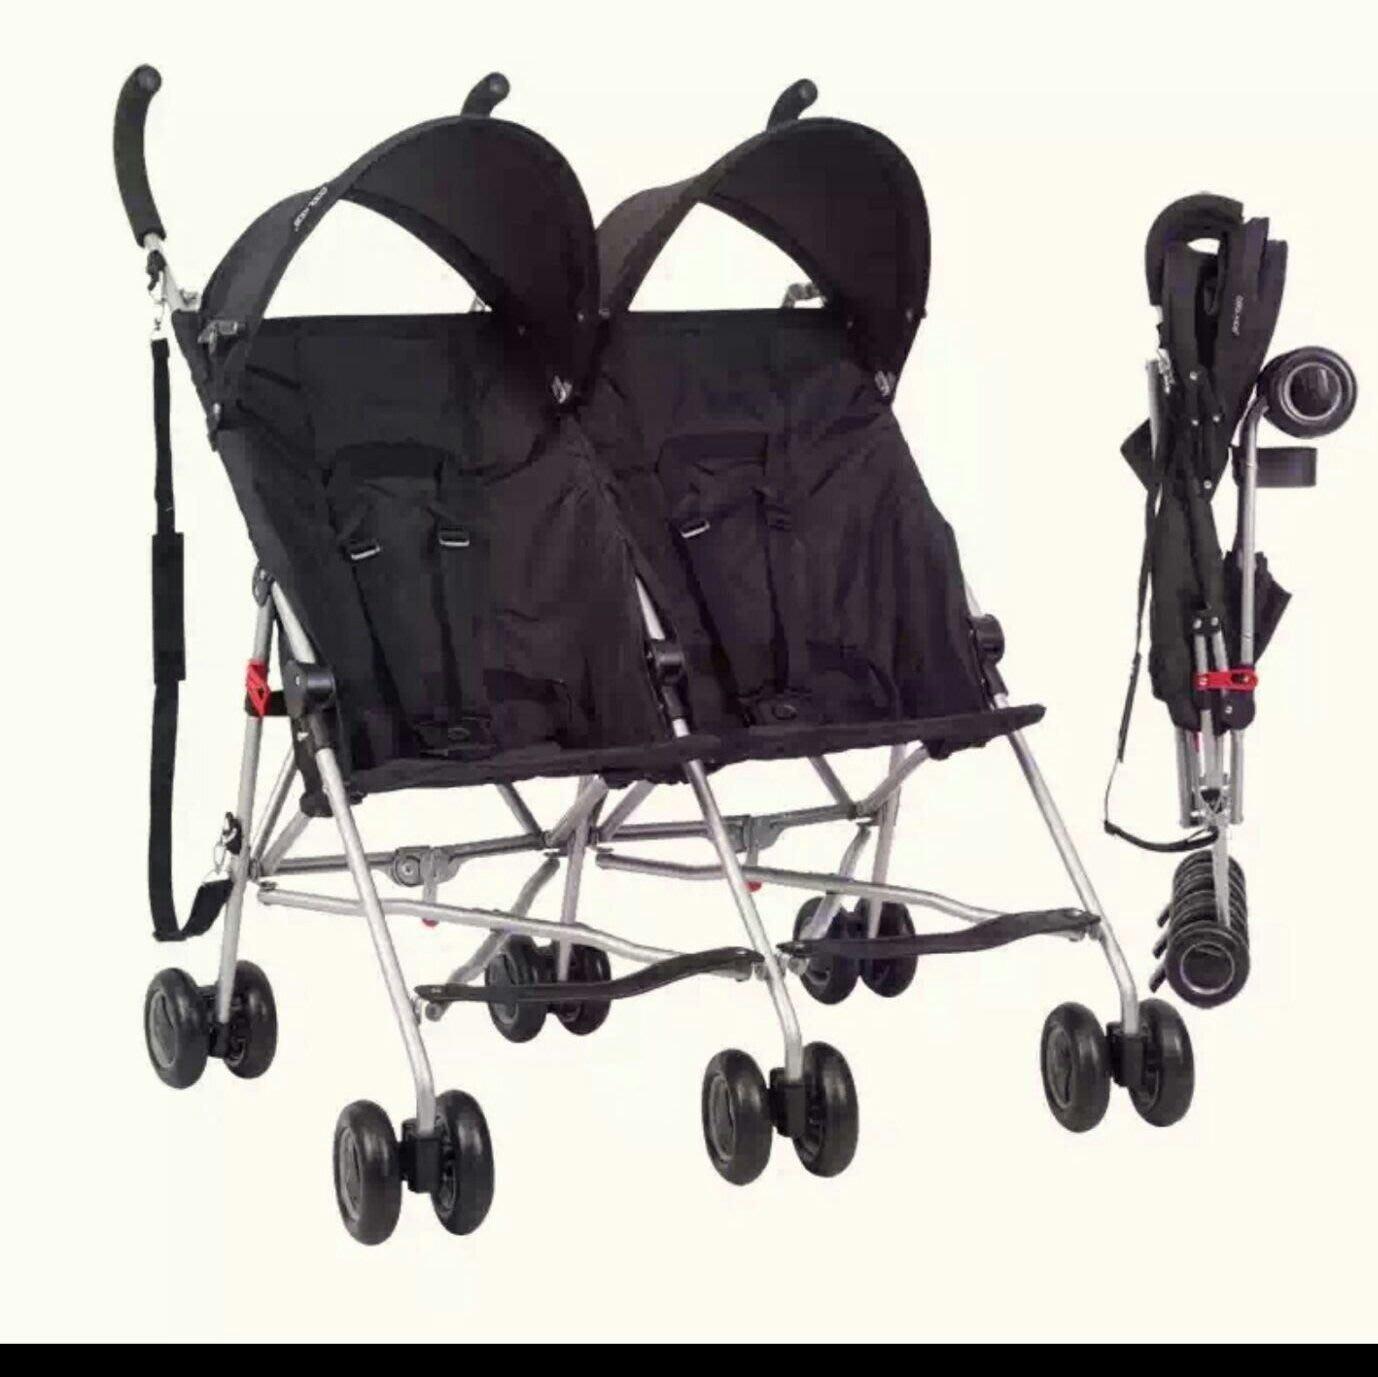 現貨全新超輕便 雙胞胎推車傘車正品Cool kids 日本品牌 4.9公斤 雙人大小寶推車 免費送雨罩 旅行外出專用傘車